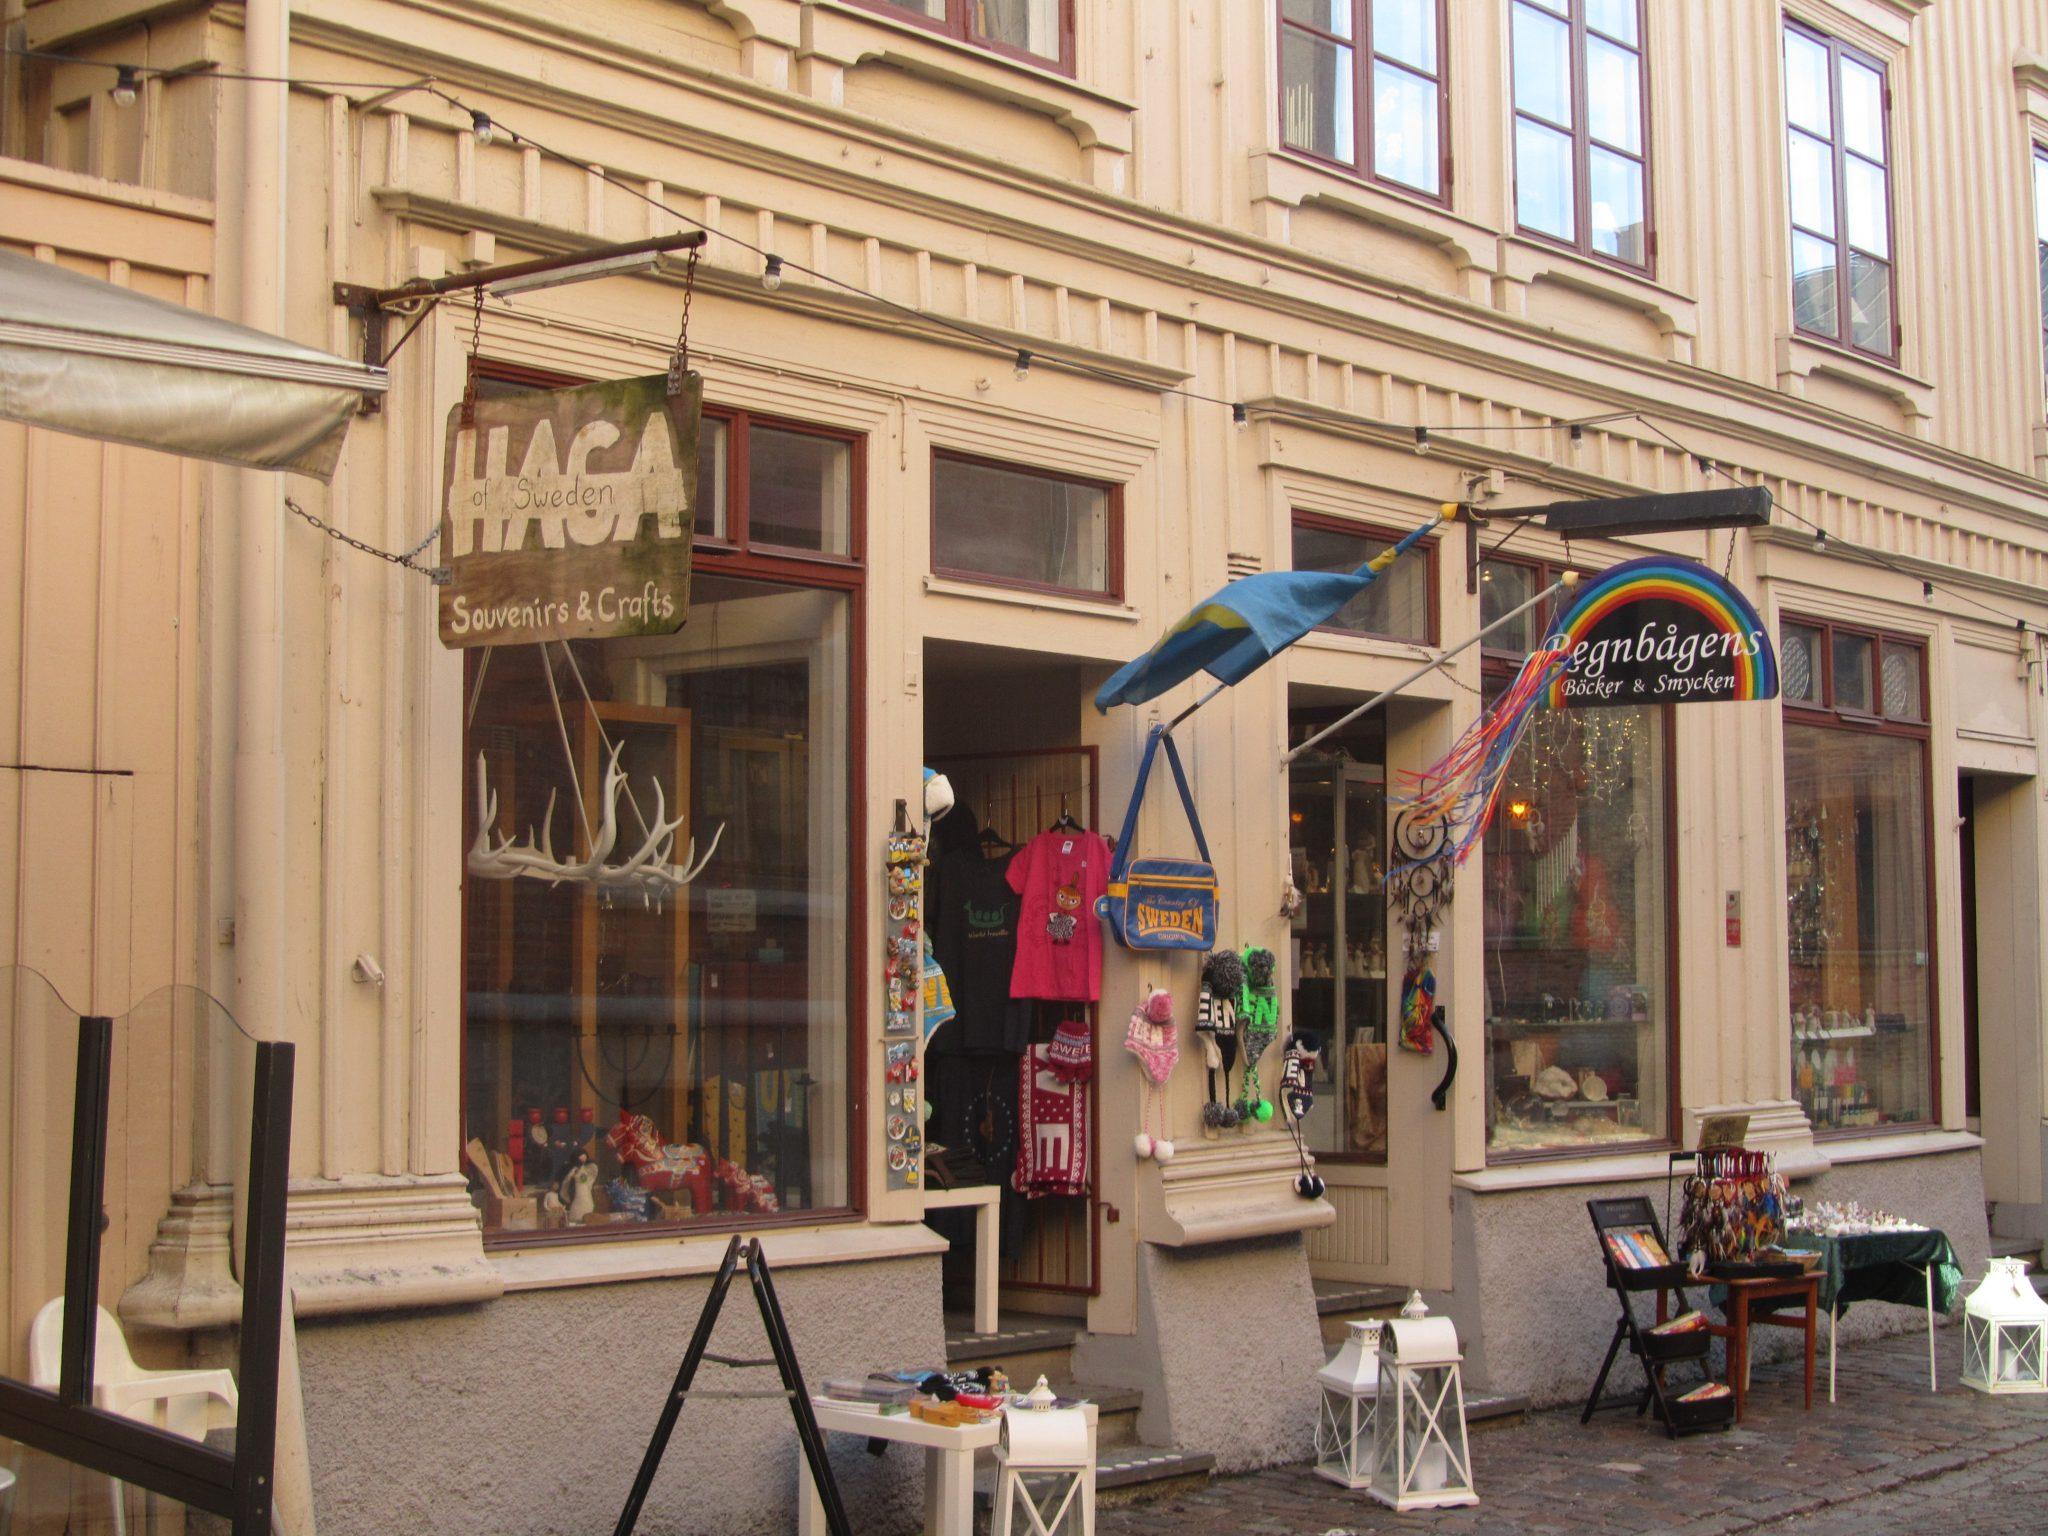 Craft shop in Haga, Gothenburg